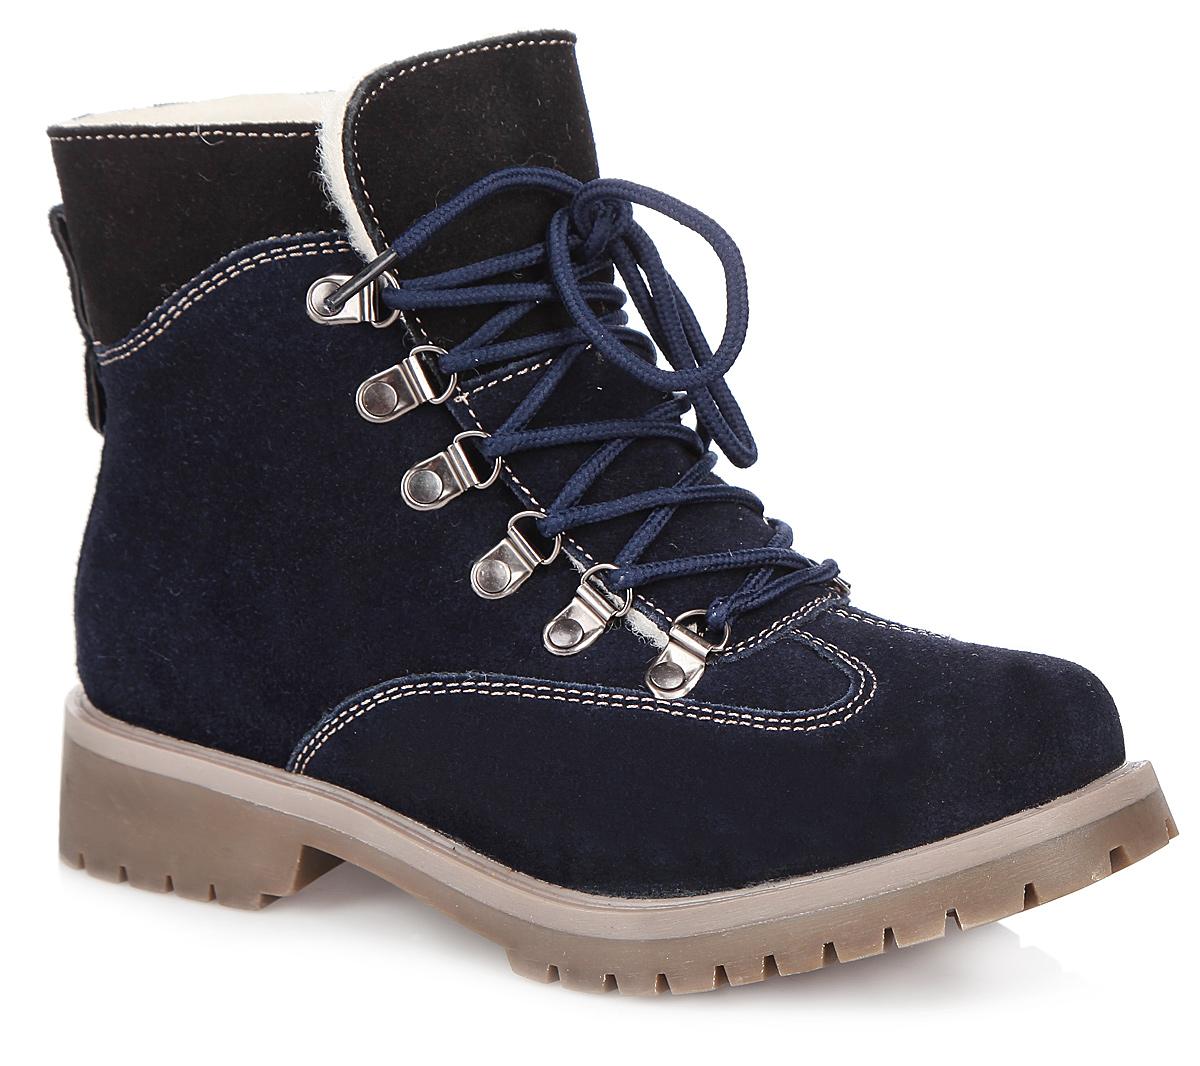 Ботинки женские. 958327/02958327/02-01Оригинальные женские ботинки от Betsy заинтересуют вас своим дизайном с первого взгляда! Модель выполнена из натуральной замши. Подкладка и стелька, выполненные из натуральной шерсти, защитят ноги от холода и обеспечат комфорт. Удобная шнуровка надежно фиксирует модель на стопе. Ярлычок на заднике обеспечивает более удобное обувание модели. Каблук и подошва с рельефным протектором обеспечивает отличное сцепление на любой поверхности. В этих ботинках вашим ногам будет комфортно и уютно.